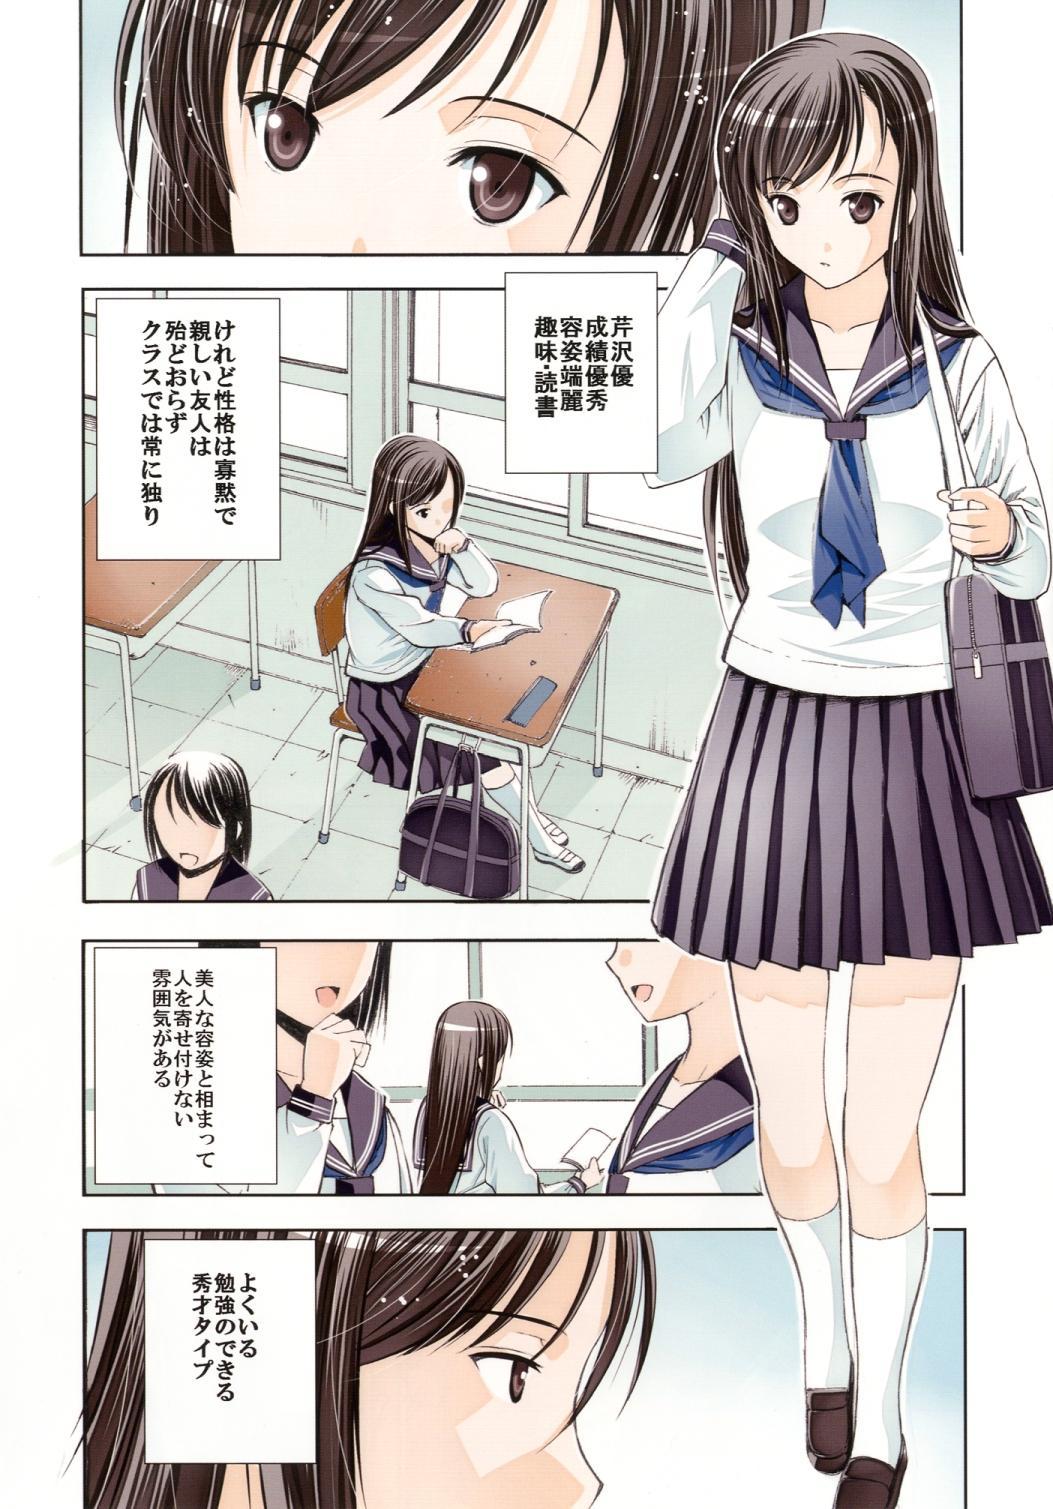 Un etudiant de la fille 10